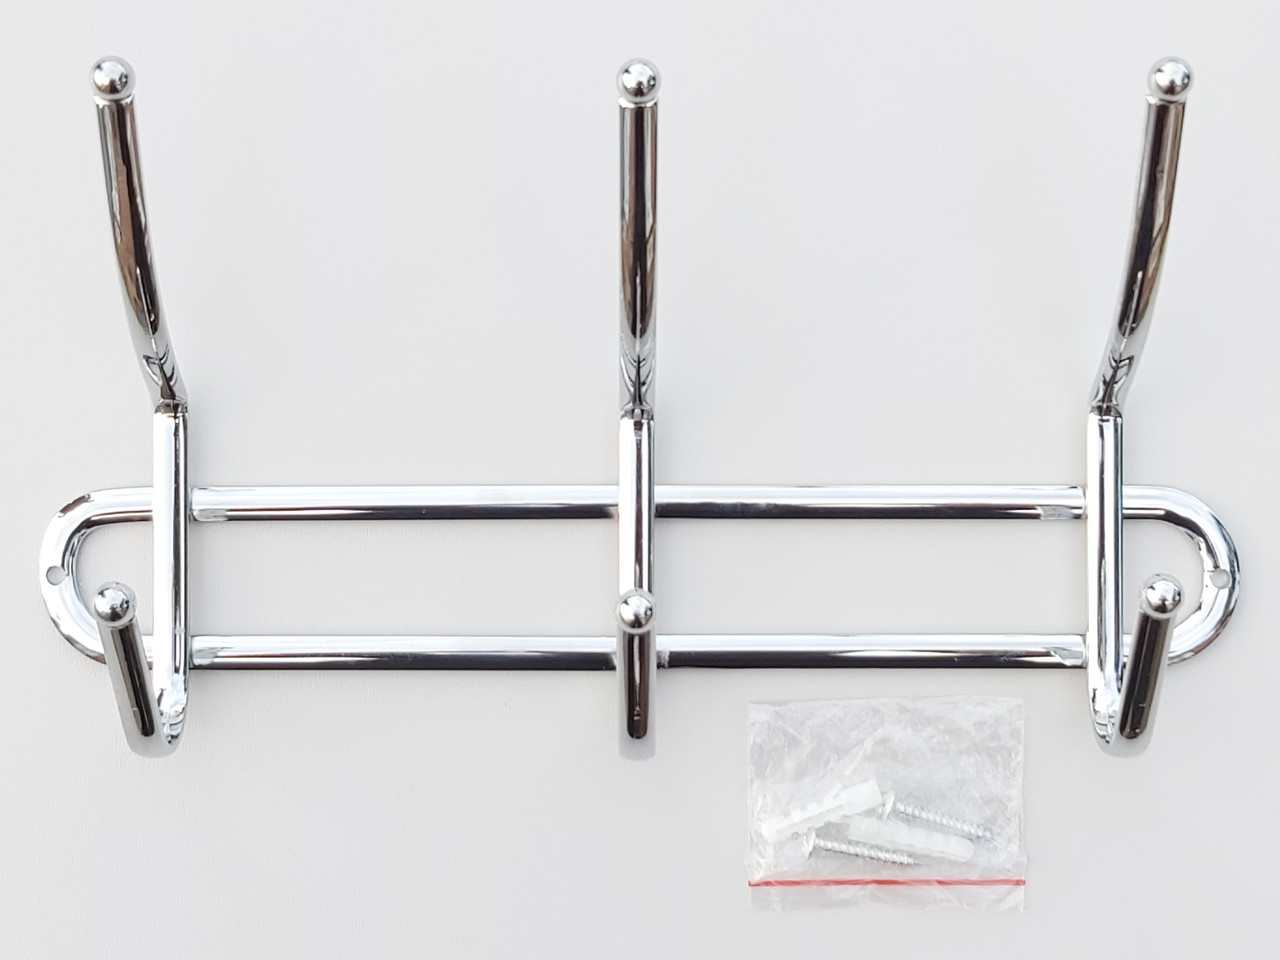 Длина 26 см. Вешалка ВНК3  настенная металл в хромированном покрытии на 3 крючка